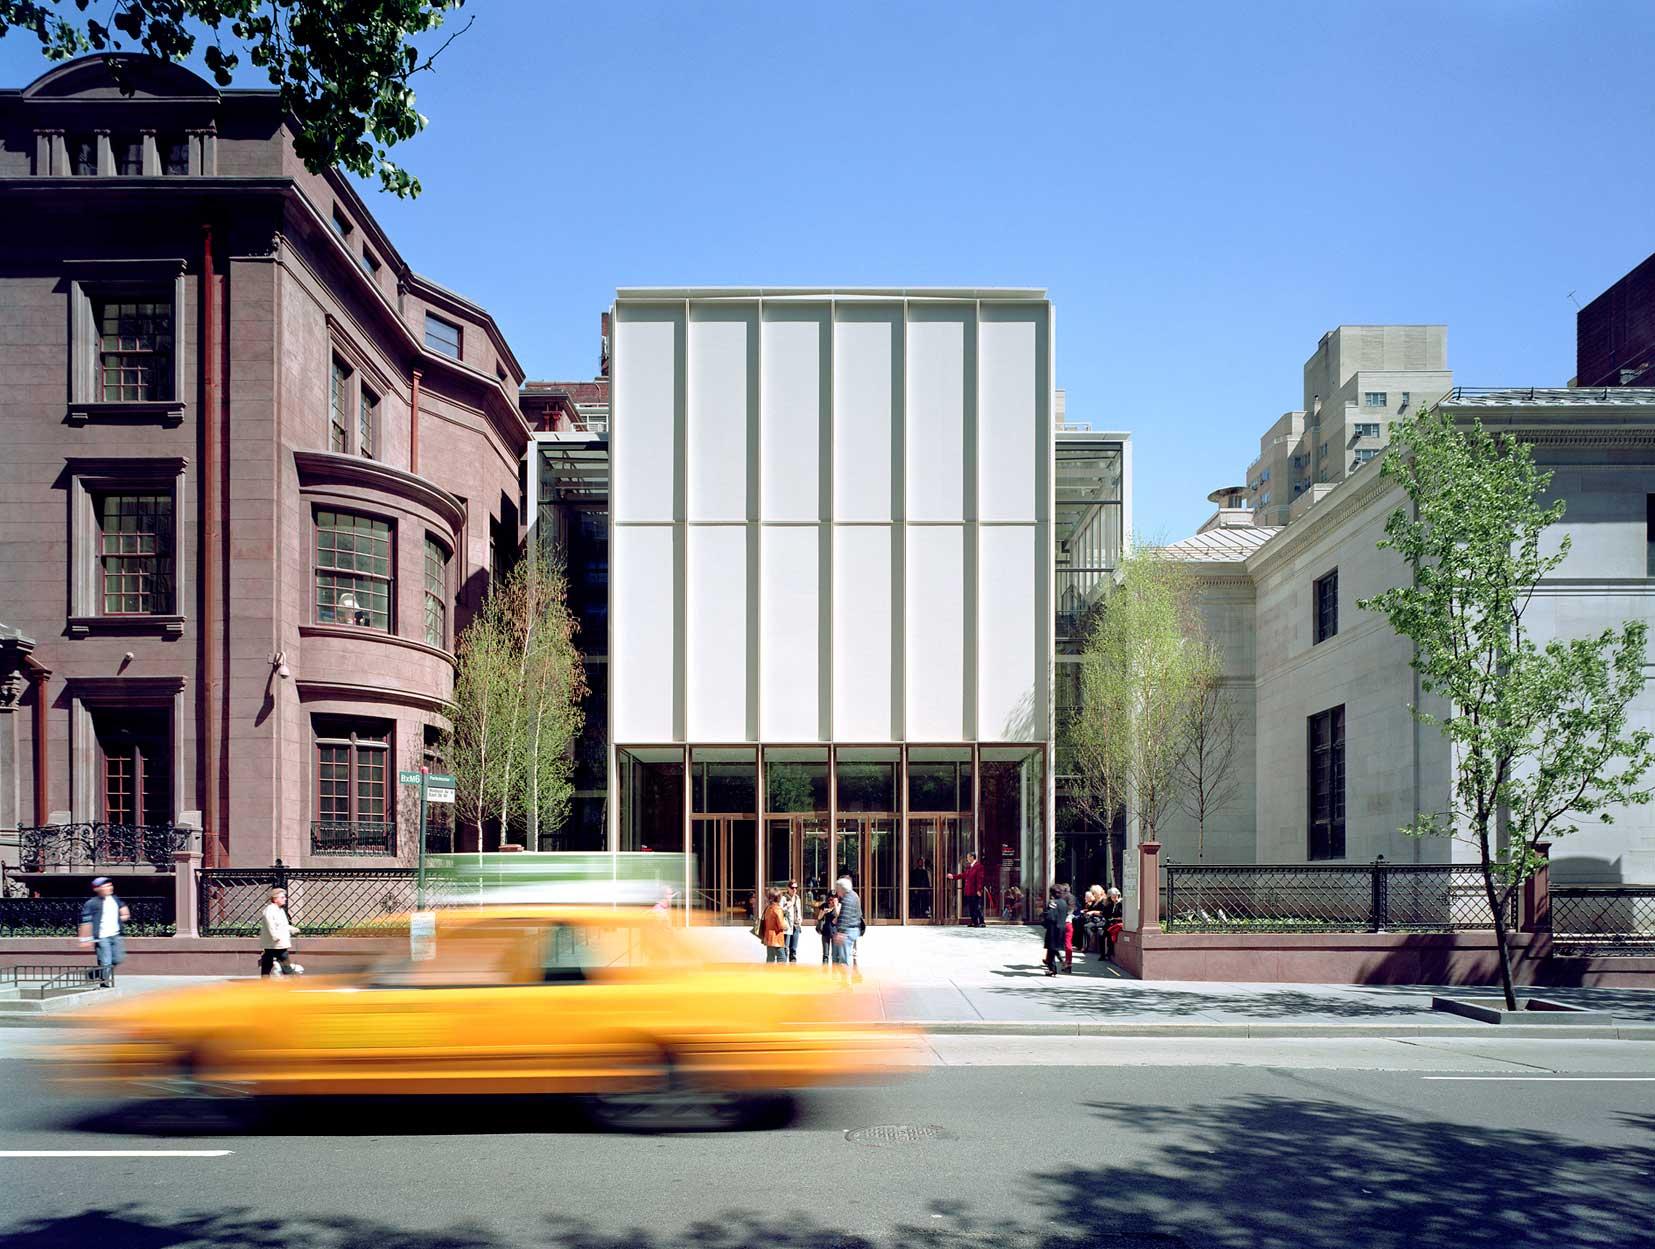 Morgan-Library-New-York-Facade-with-Taxi-Daytime